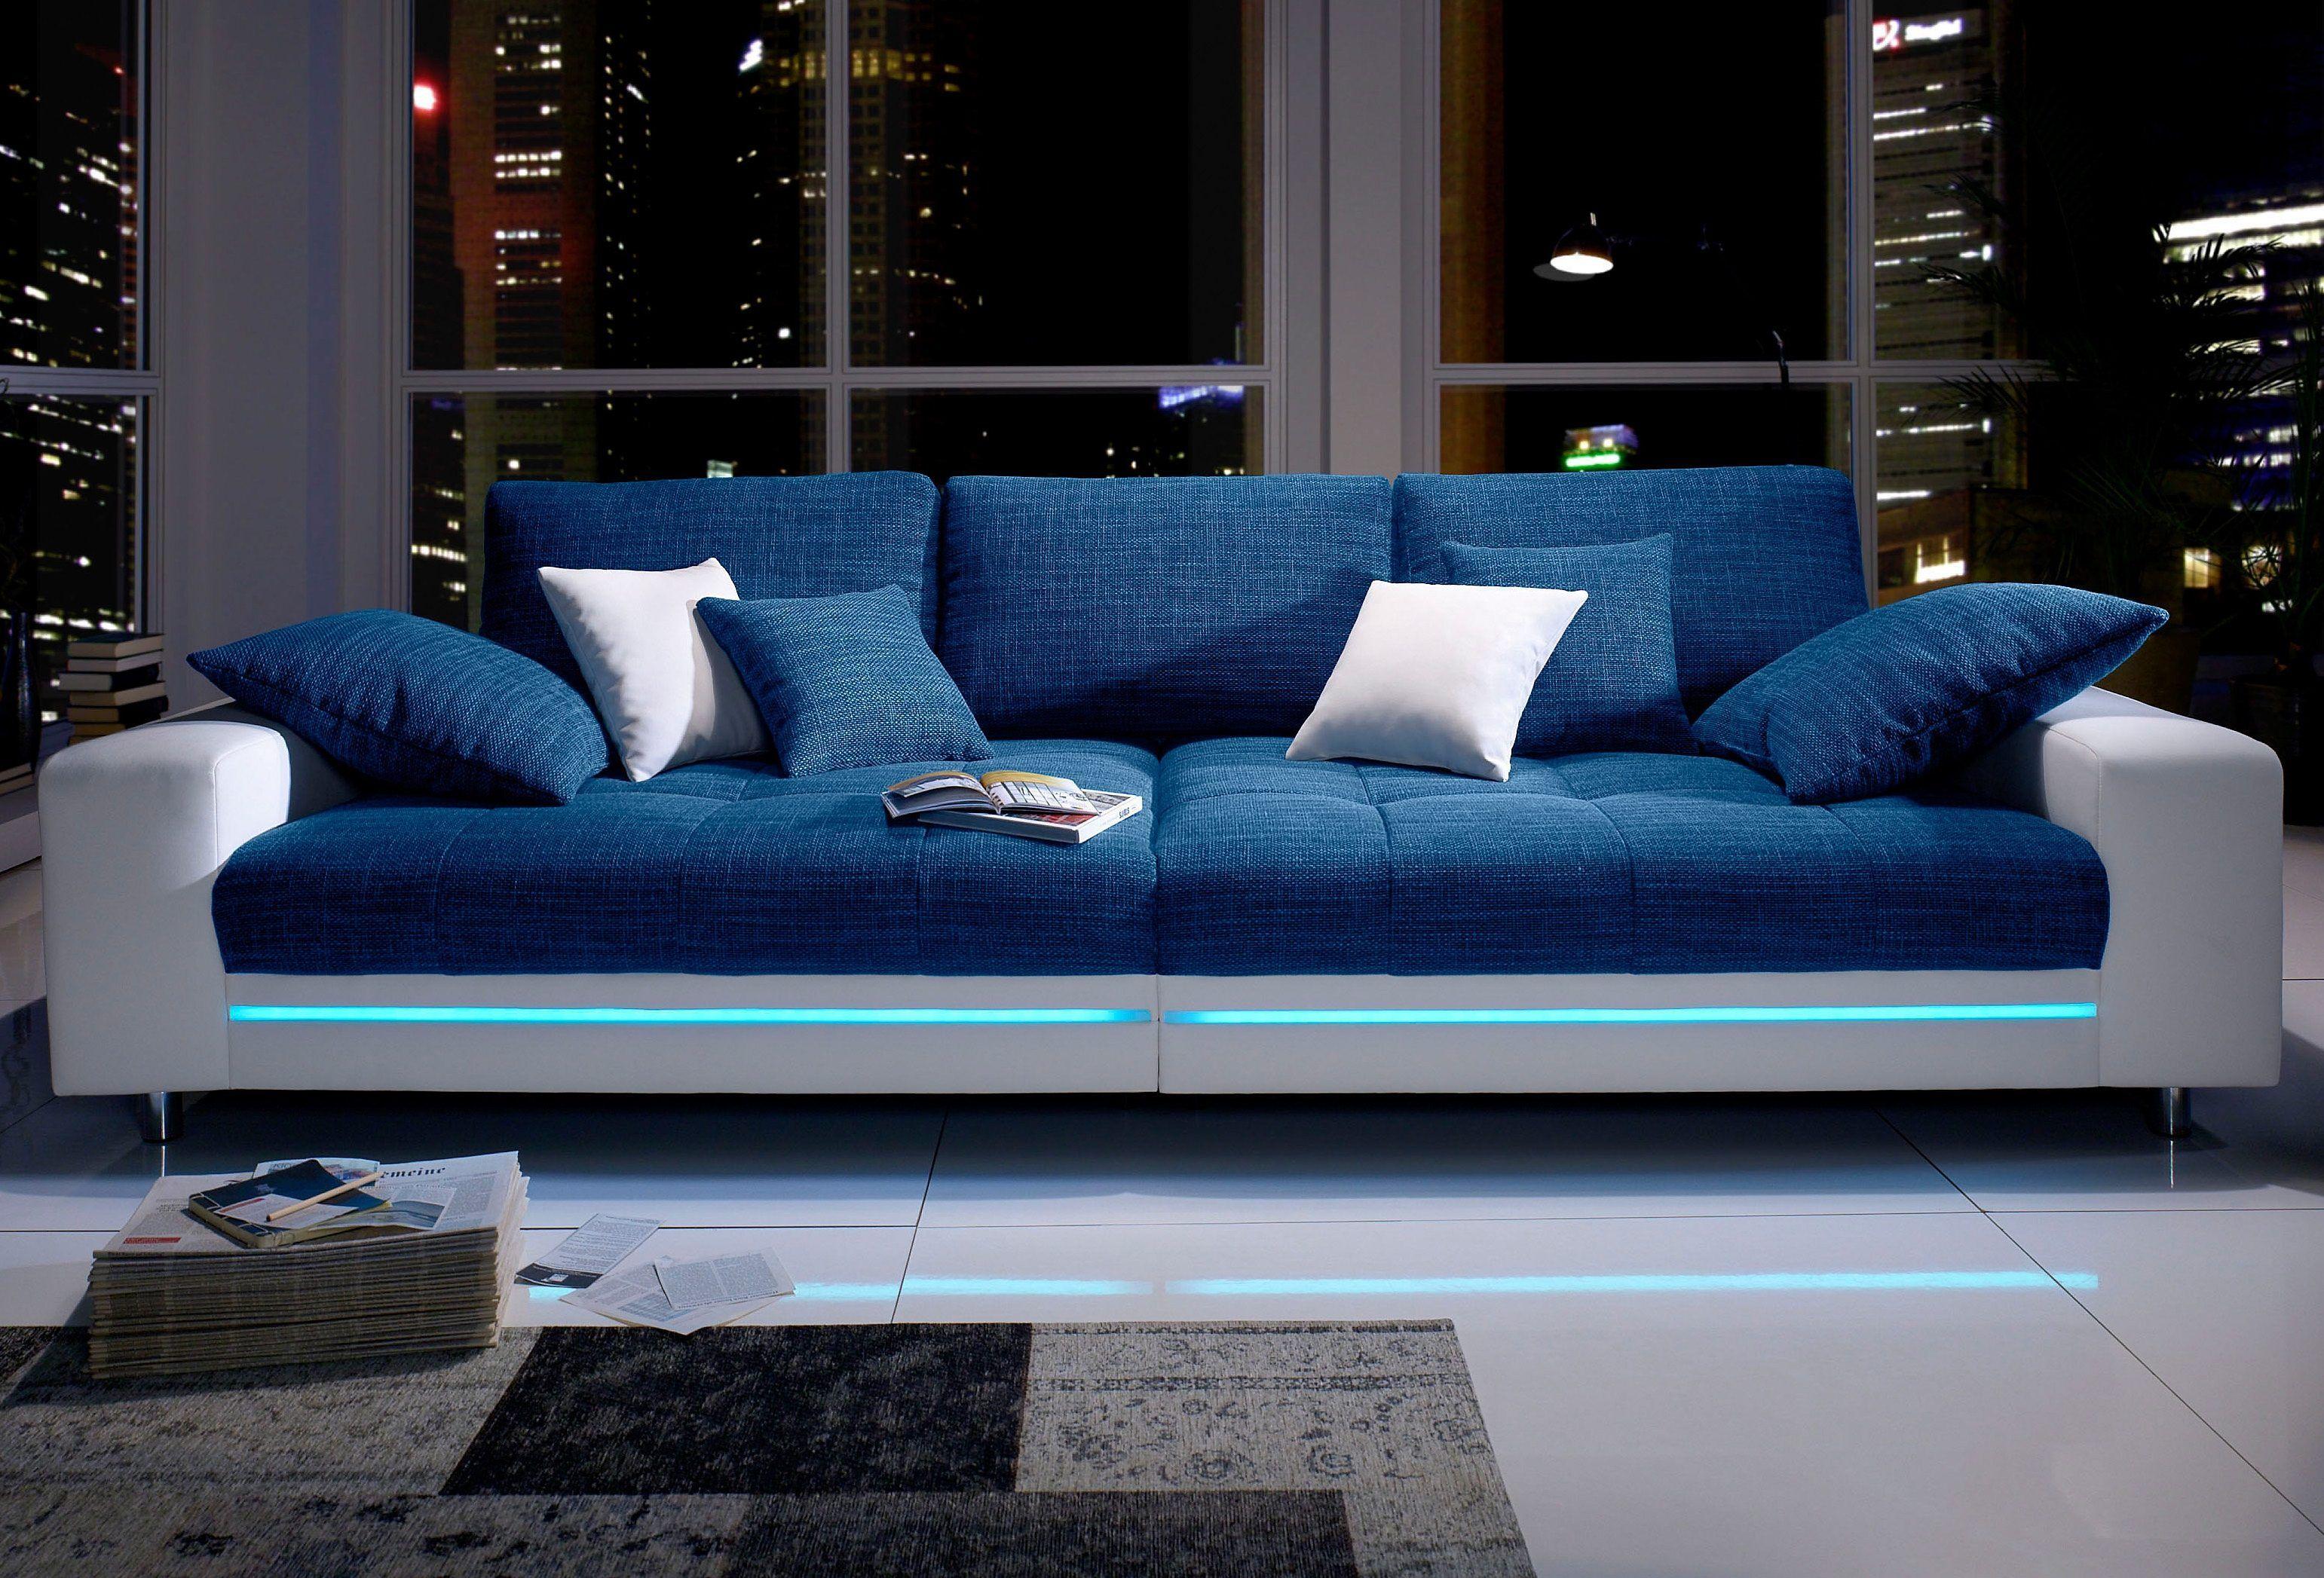 Beautiful Big Sofa wei Mit RGB LED Beleuchtung Energieeffizienzklasse A FSC zertifiziert inklusive loser Zier und R ckenkissen yourhome Jetzt bestellen